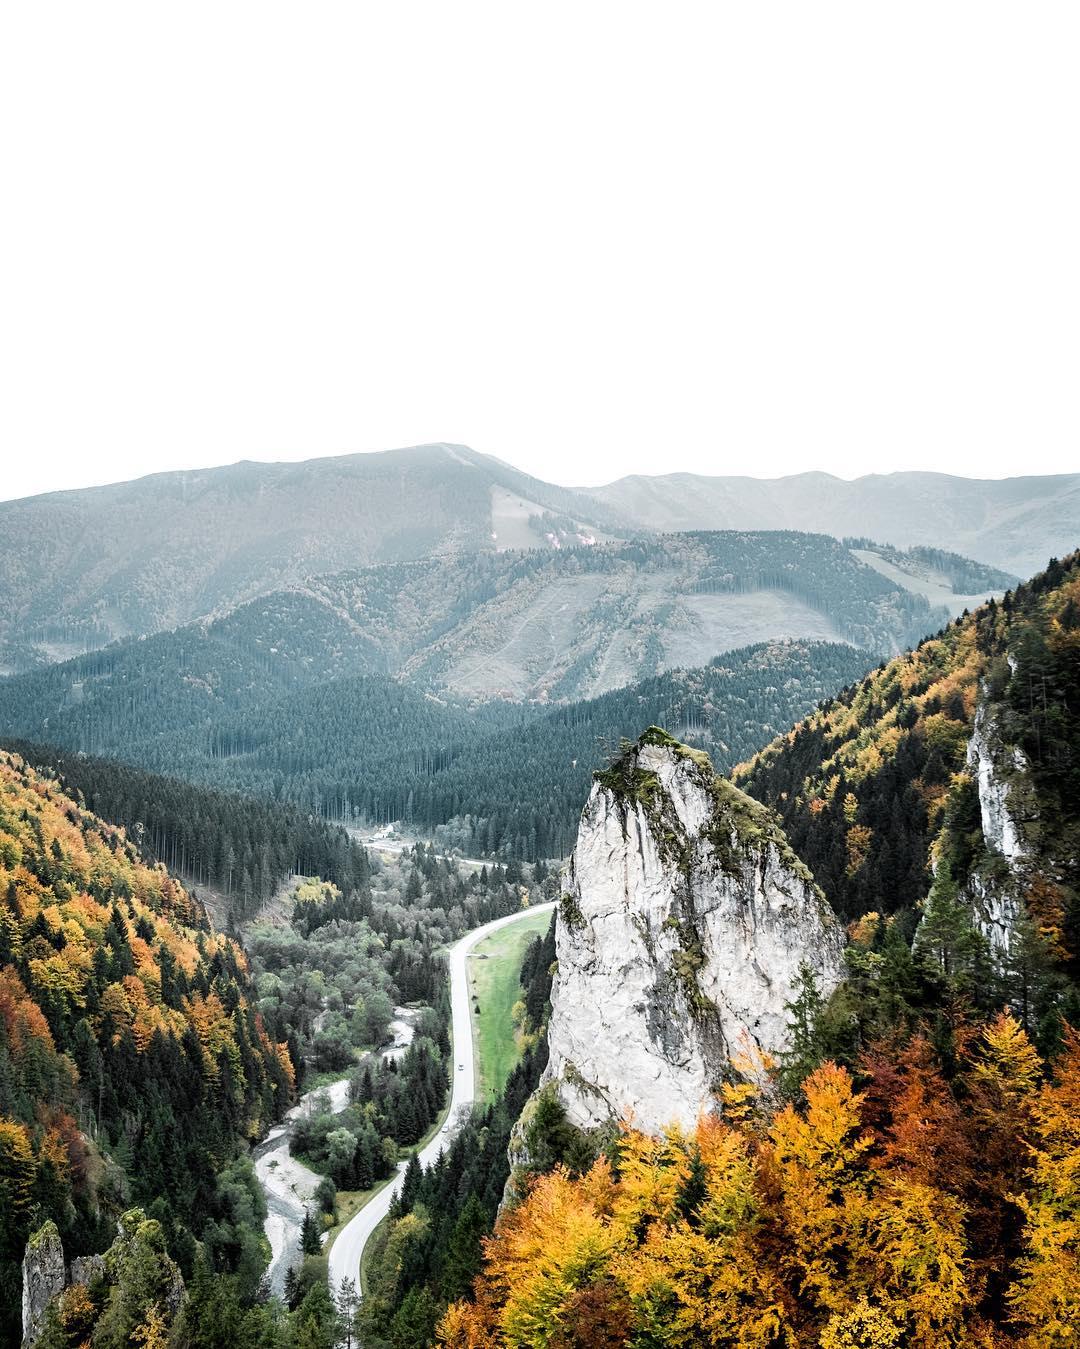 Захватывающие природные пейзажи от Томаса Ондрейка